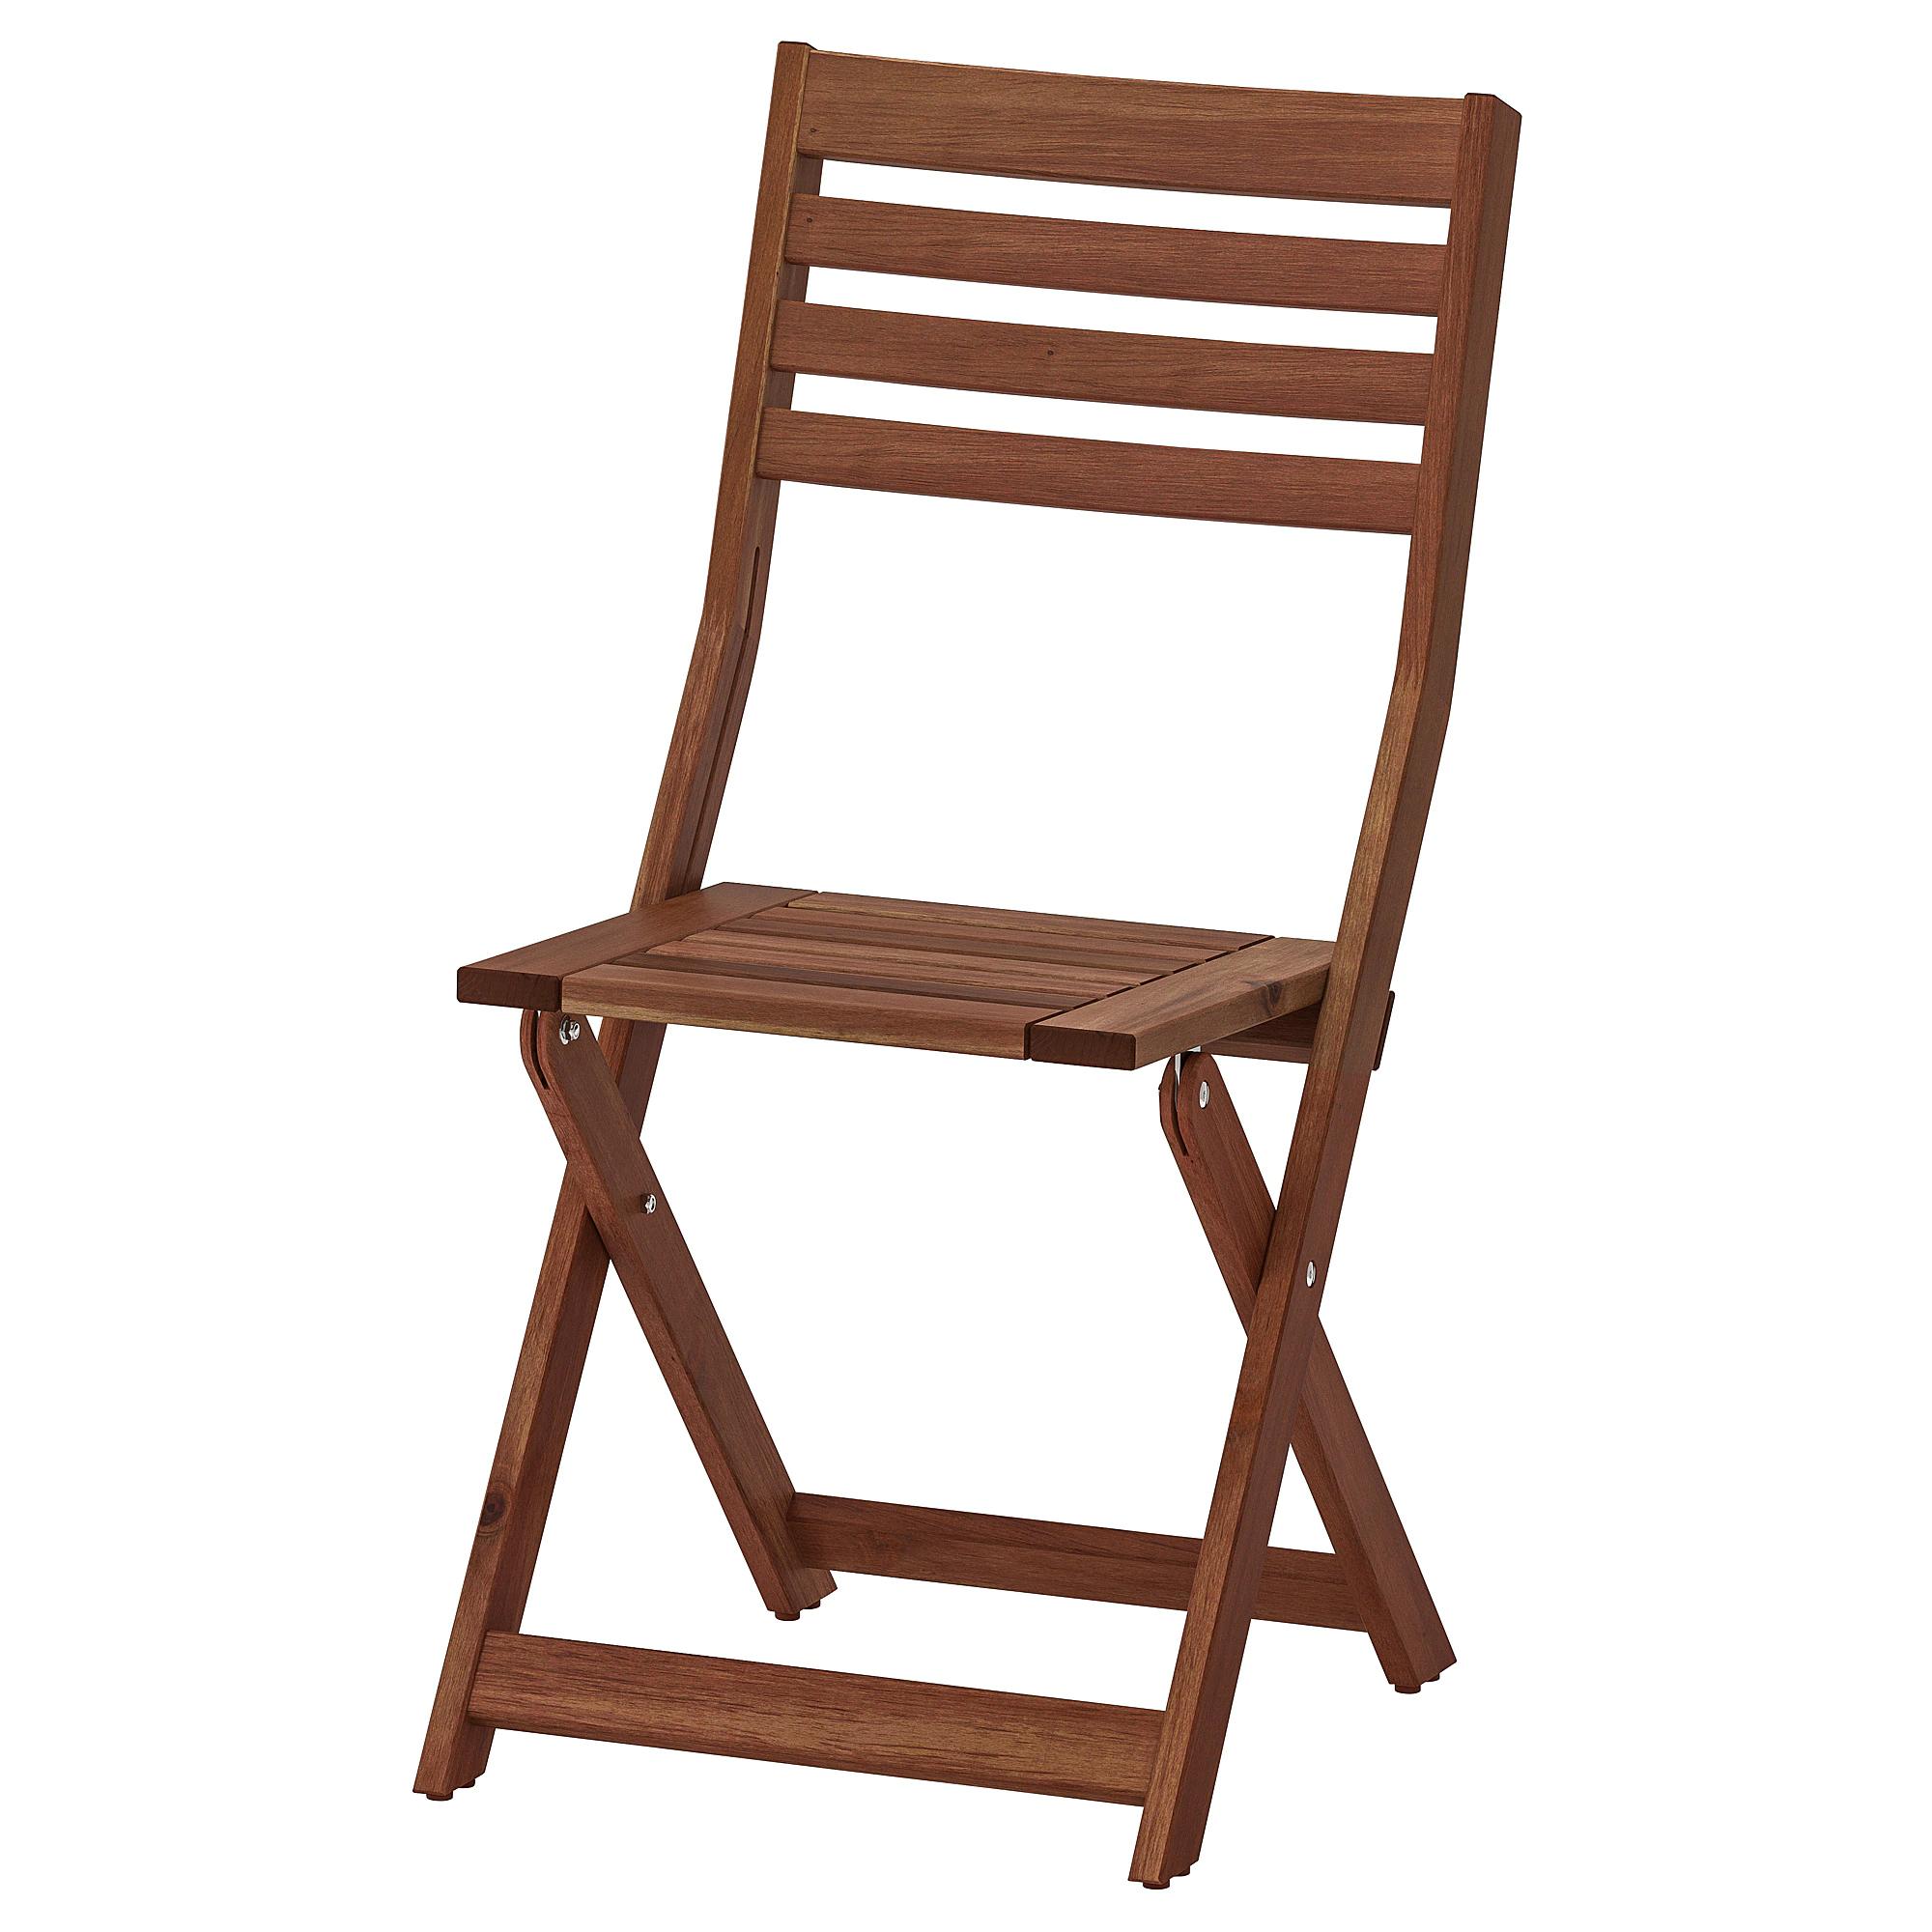 Krzesło ogrodowe składane - Ikea z kartą Ikea family. Tylko stacjonarnie